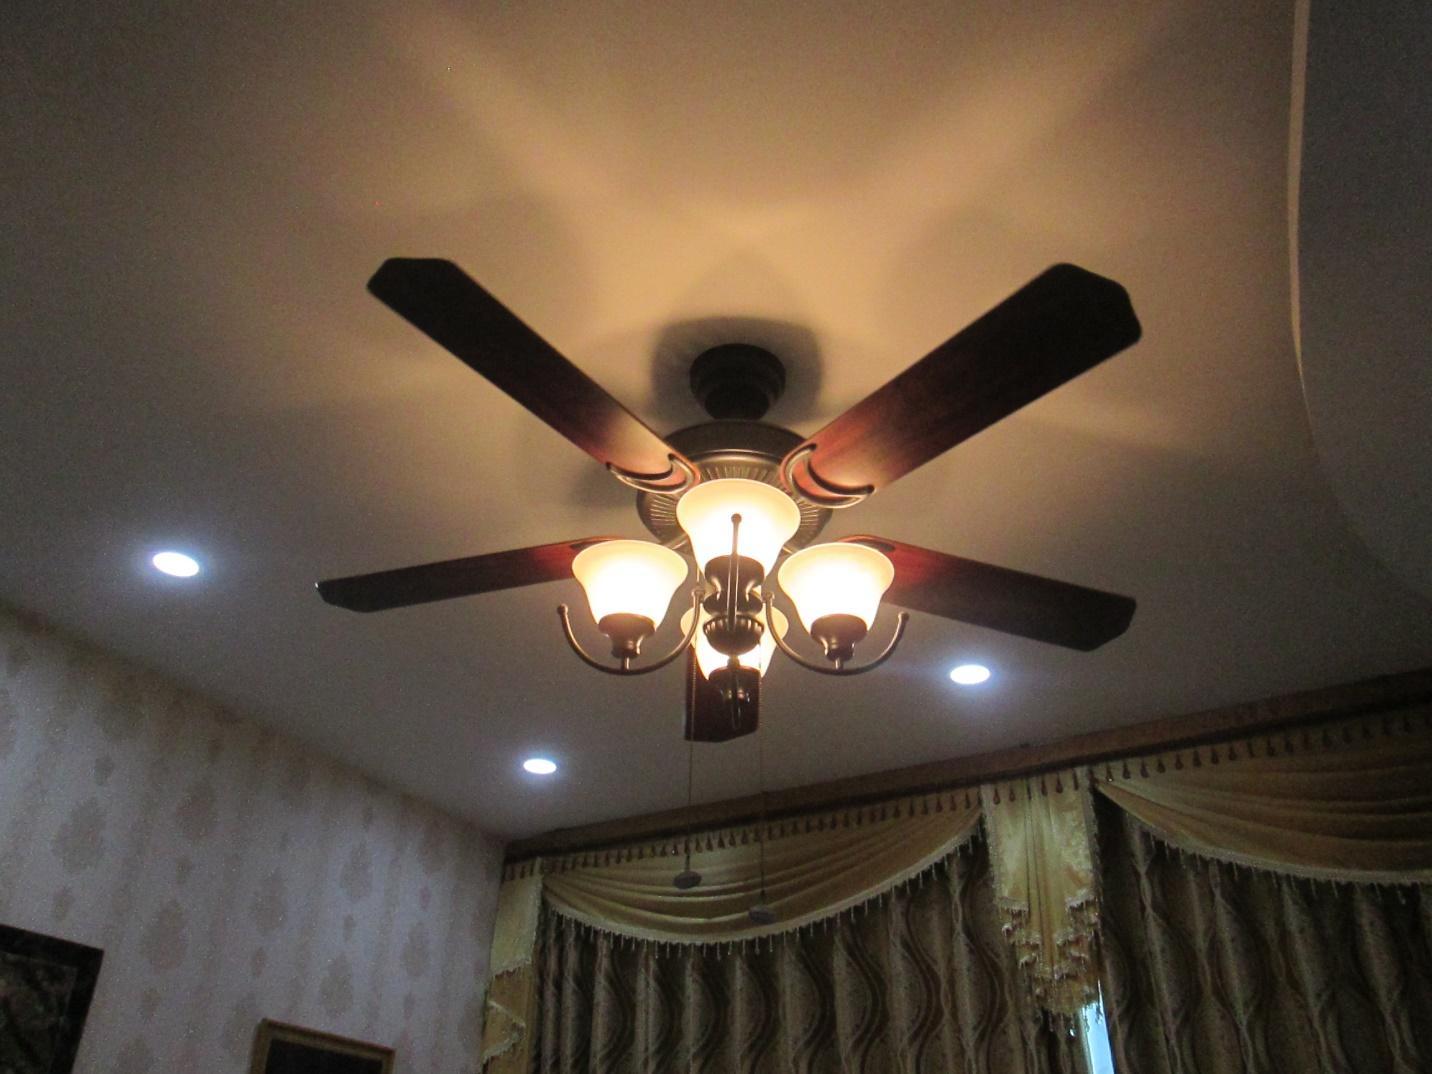 Quạt trần kèm đèn chùm đang là sản phẩm được ưa chuộng